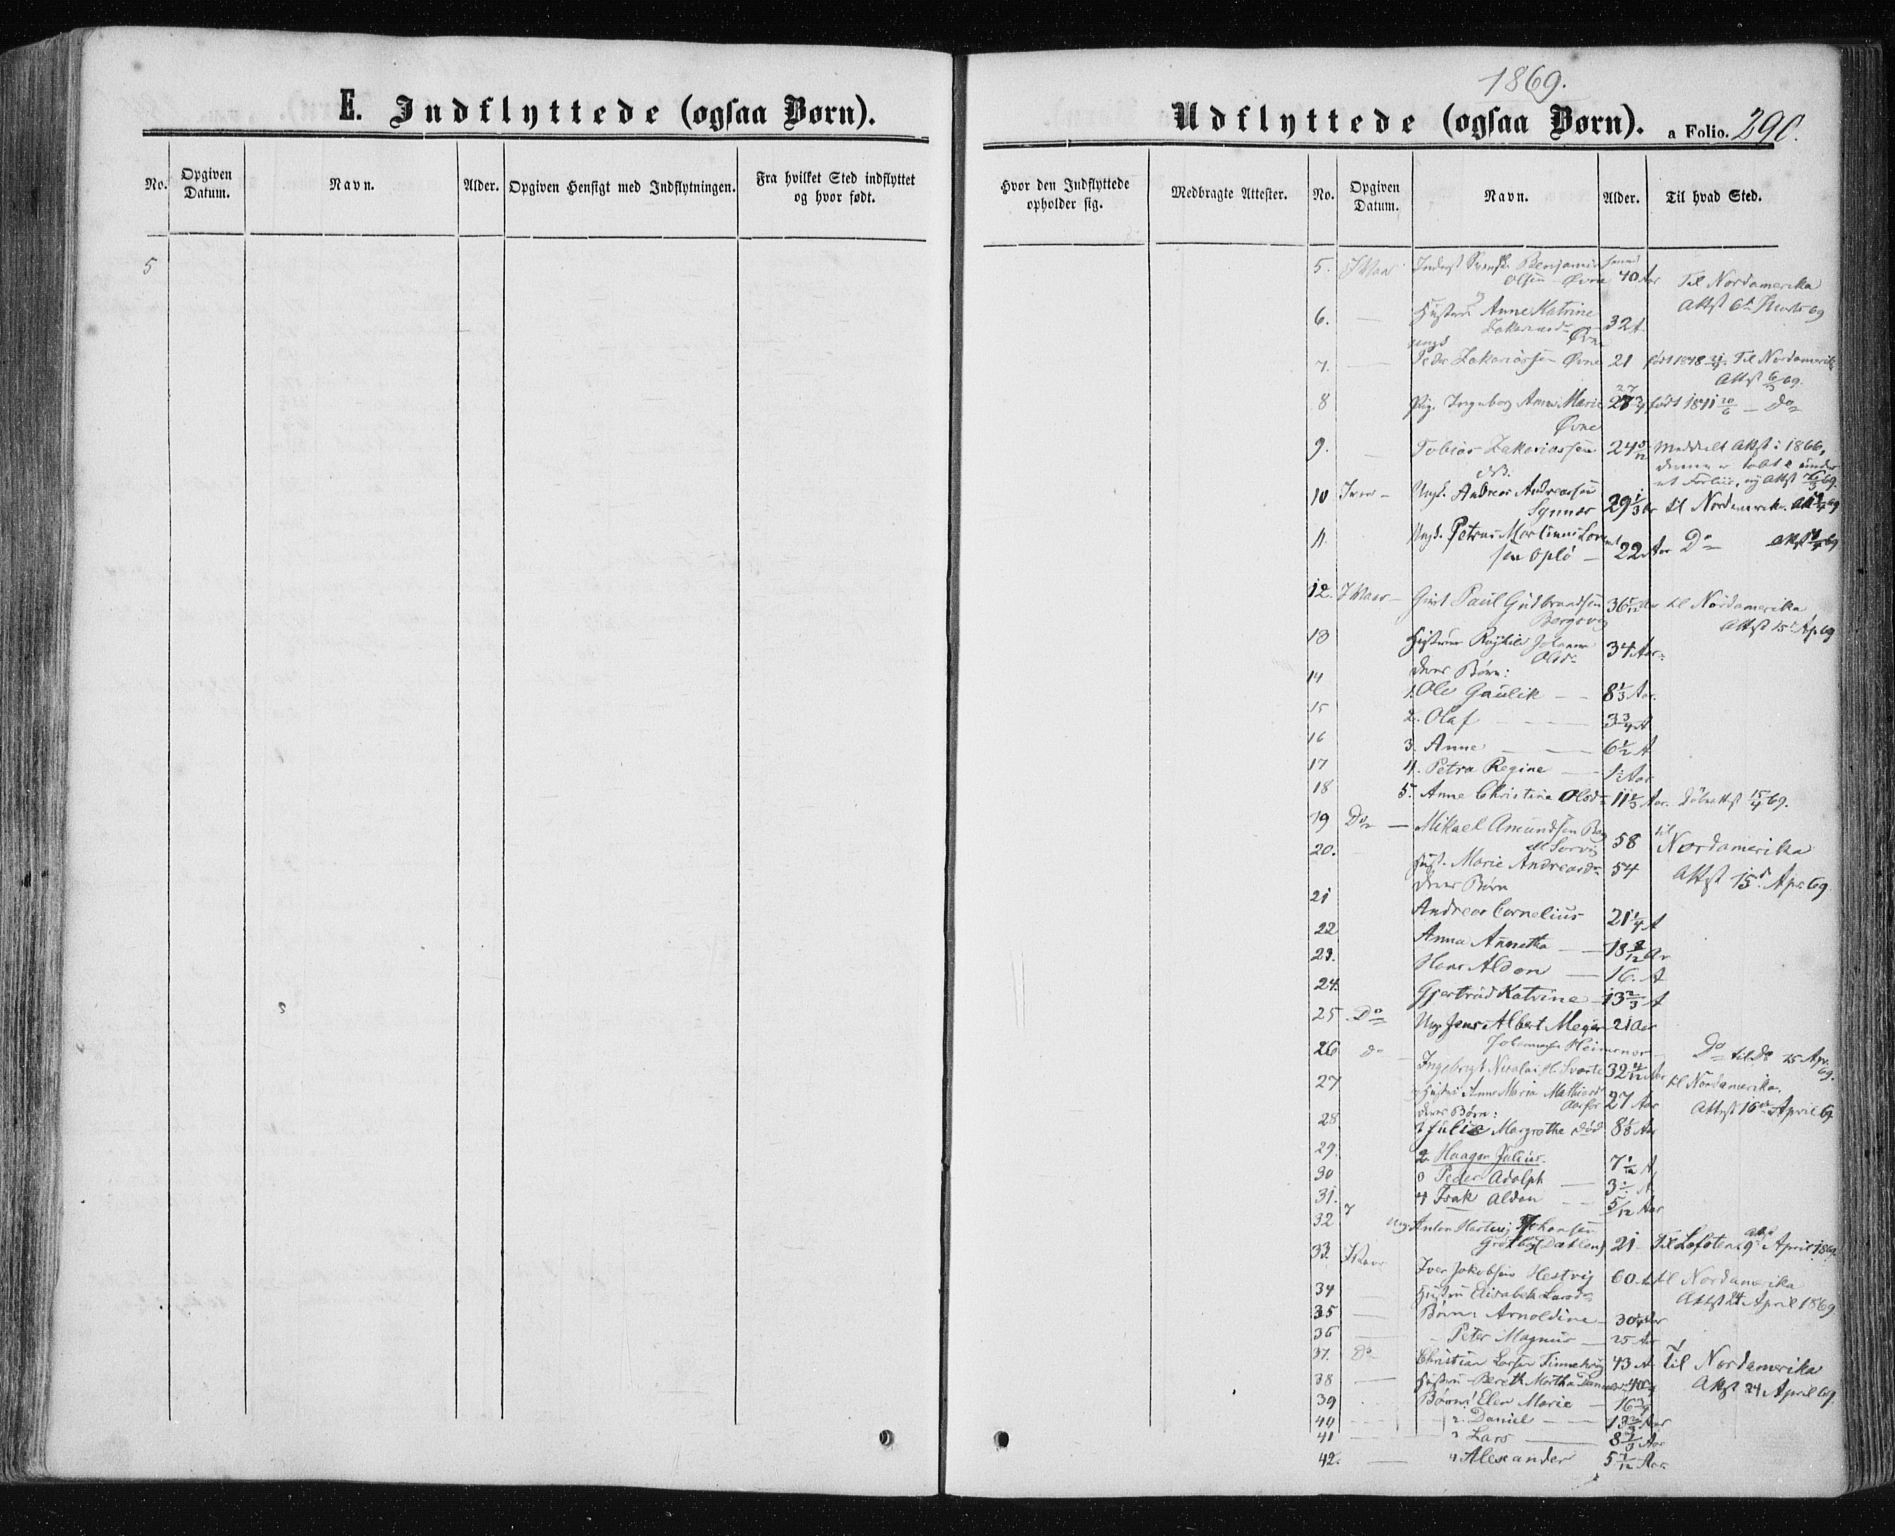 SAT, Ministerialprotokoller, klokkerbøker og fødselsregistre - Nord-Trøndelag, 780/L0641: Ministerialbok nr. 780A06, 1857-1874, s. 290